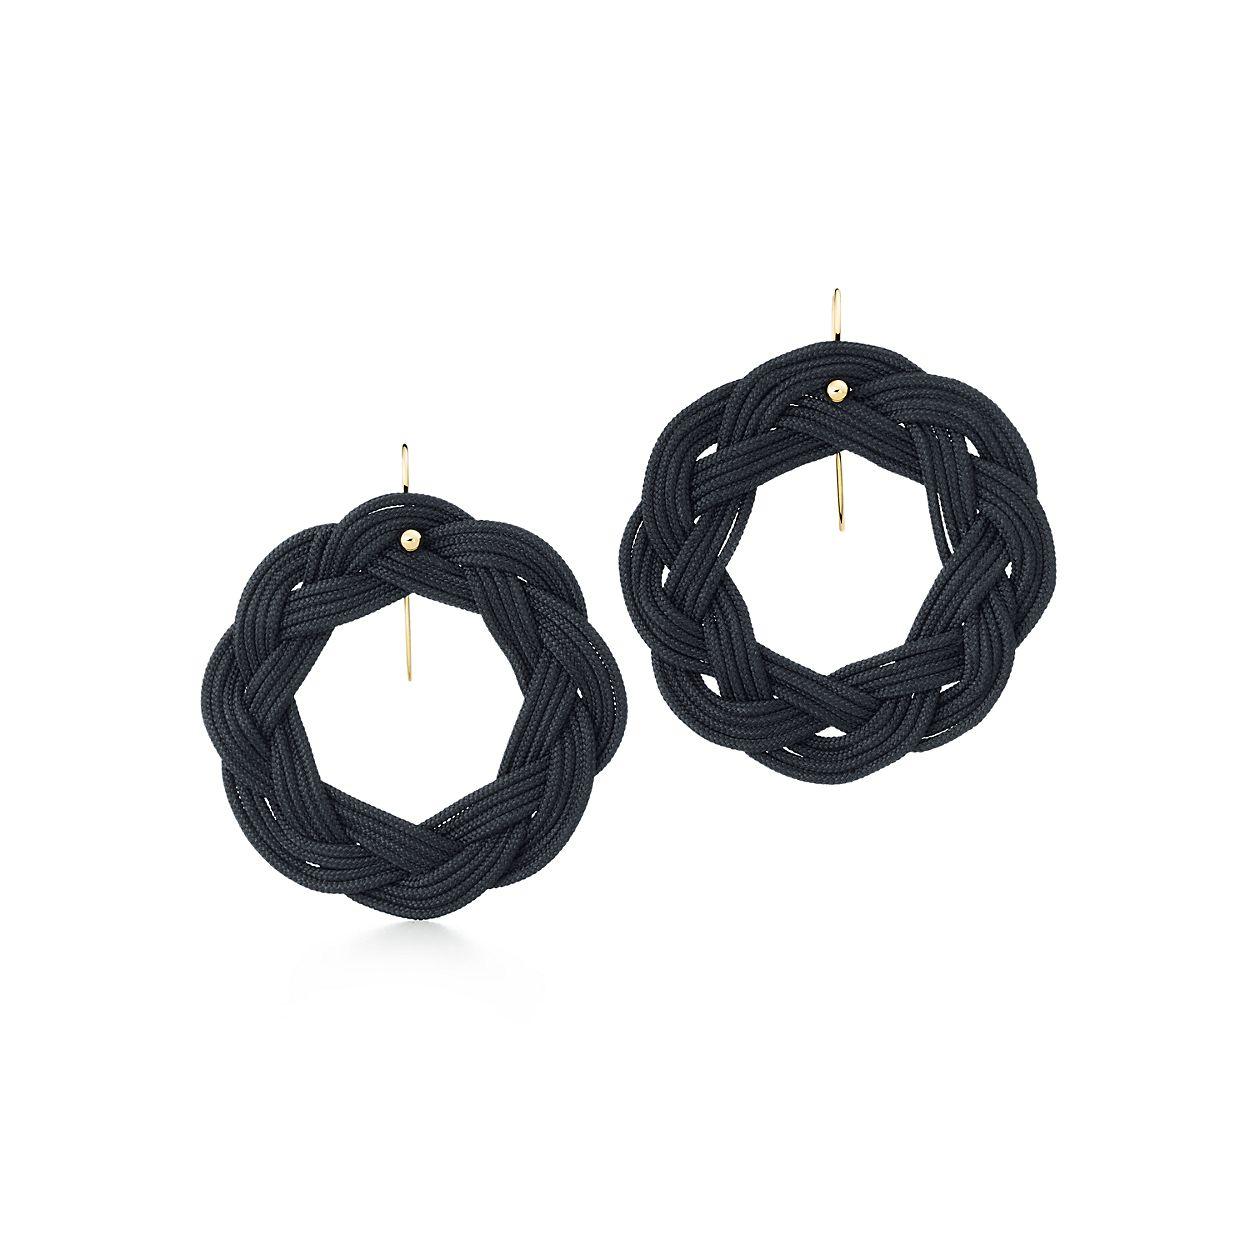 Elsa Boucles D'oreilles Crochet Cercle Peretti En Soie Tissée Noir Avec Or 18 Carats Tiffany & Co. 0Z58pCiVcG